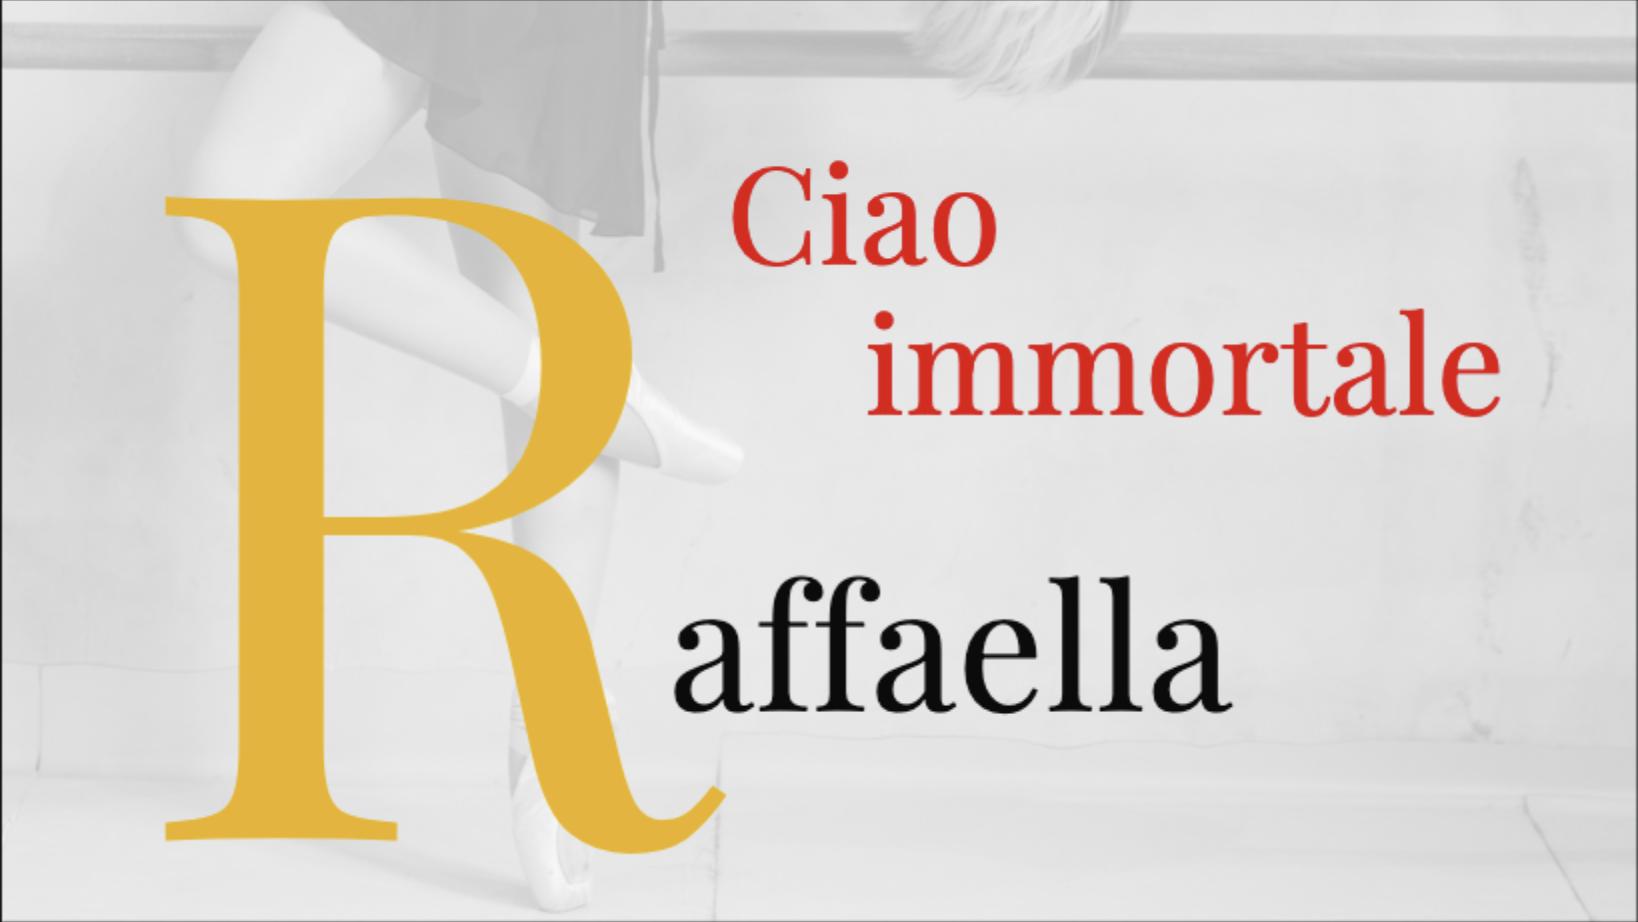 Ciao immortale Raffaella.